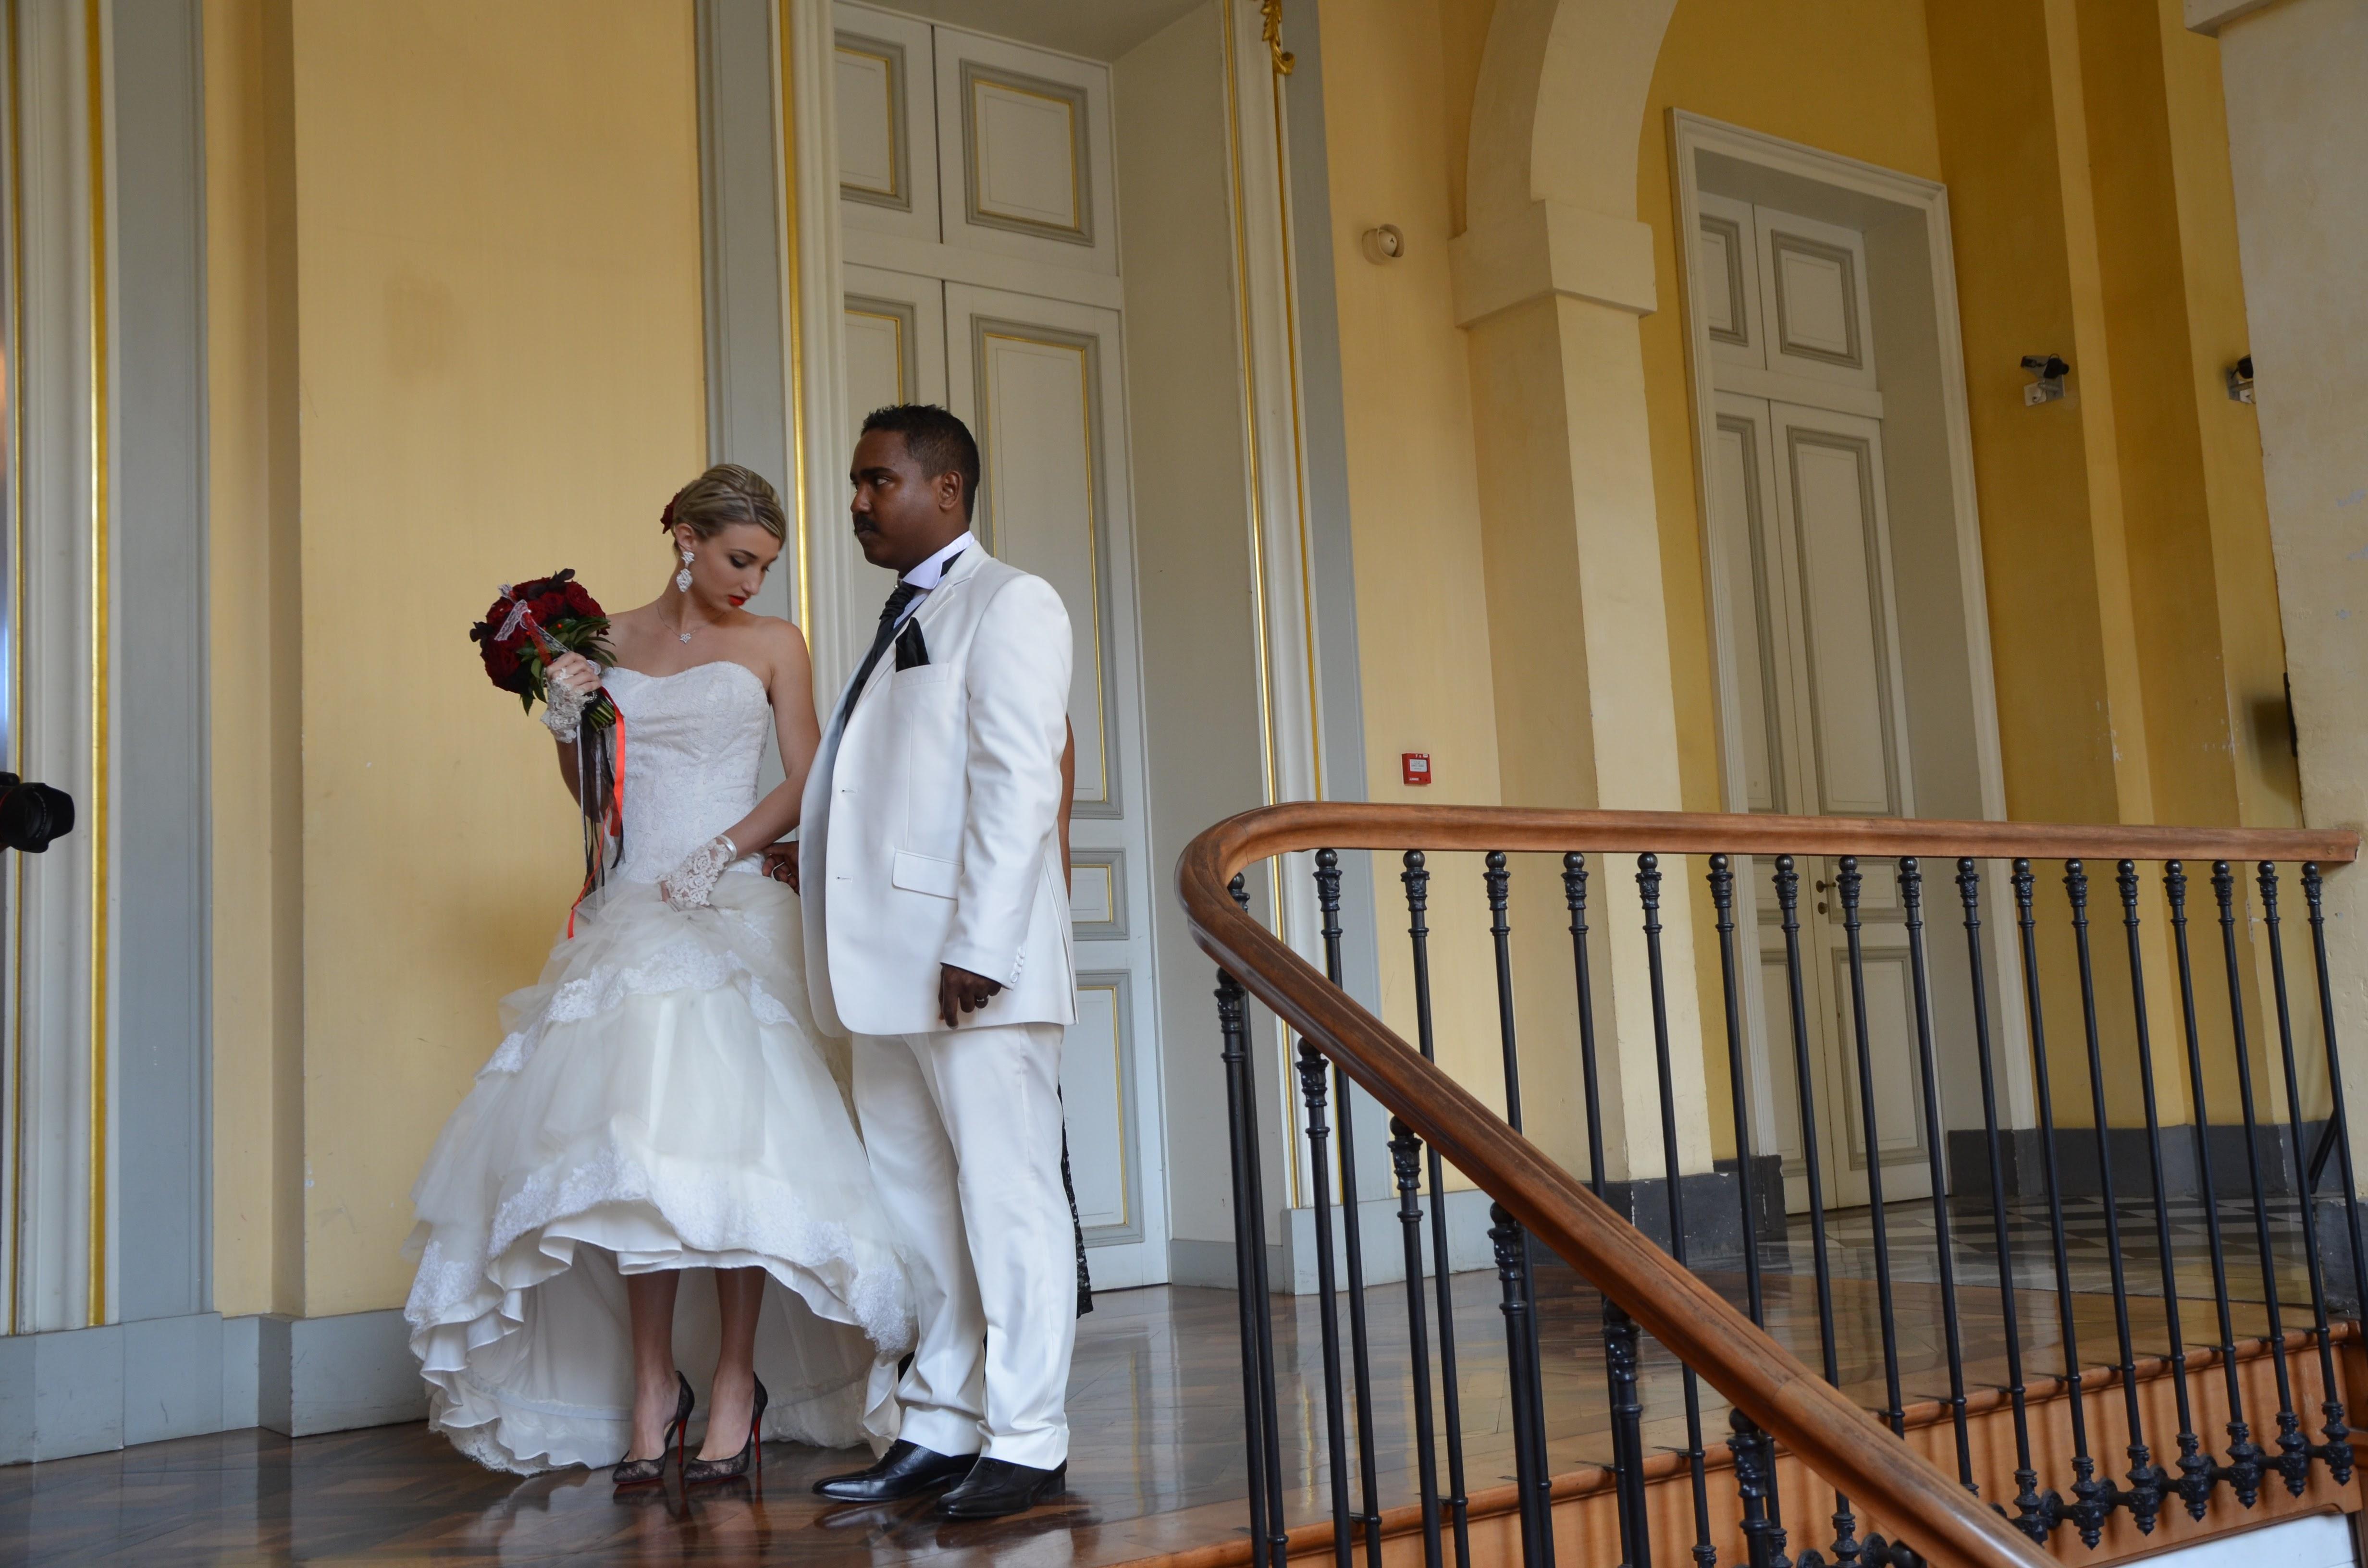 Le mariage chic et réunionnais de Virginie